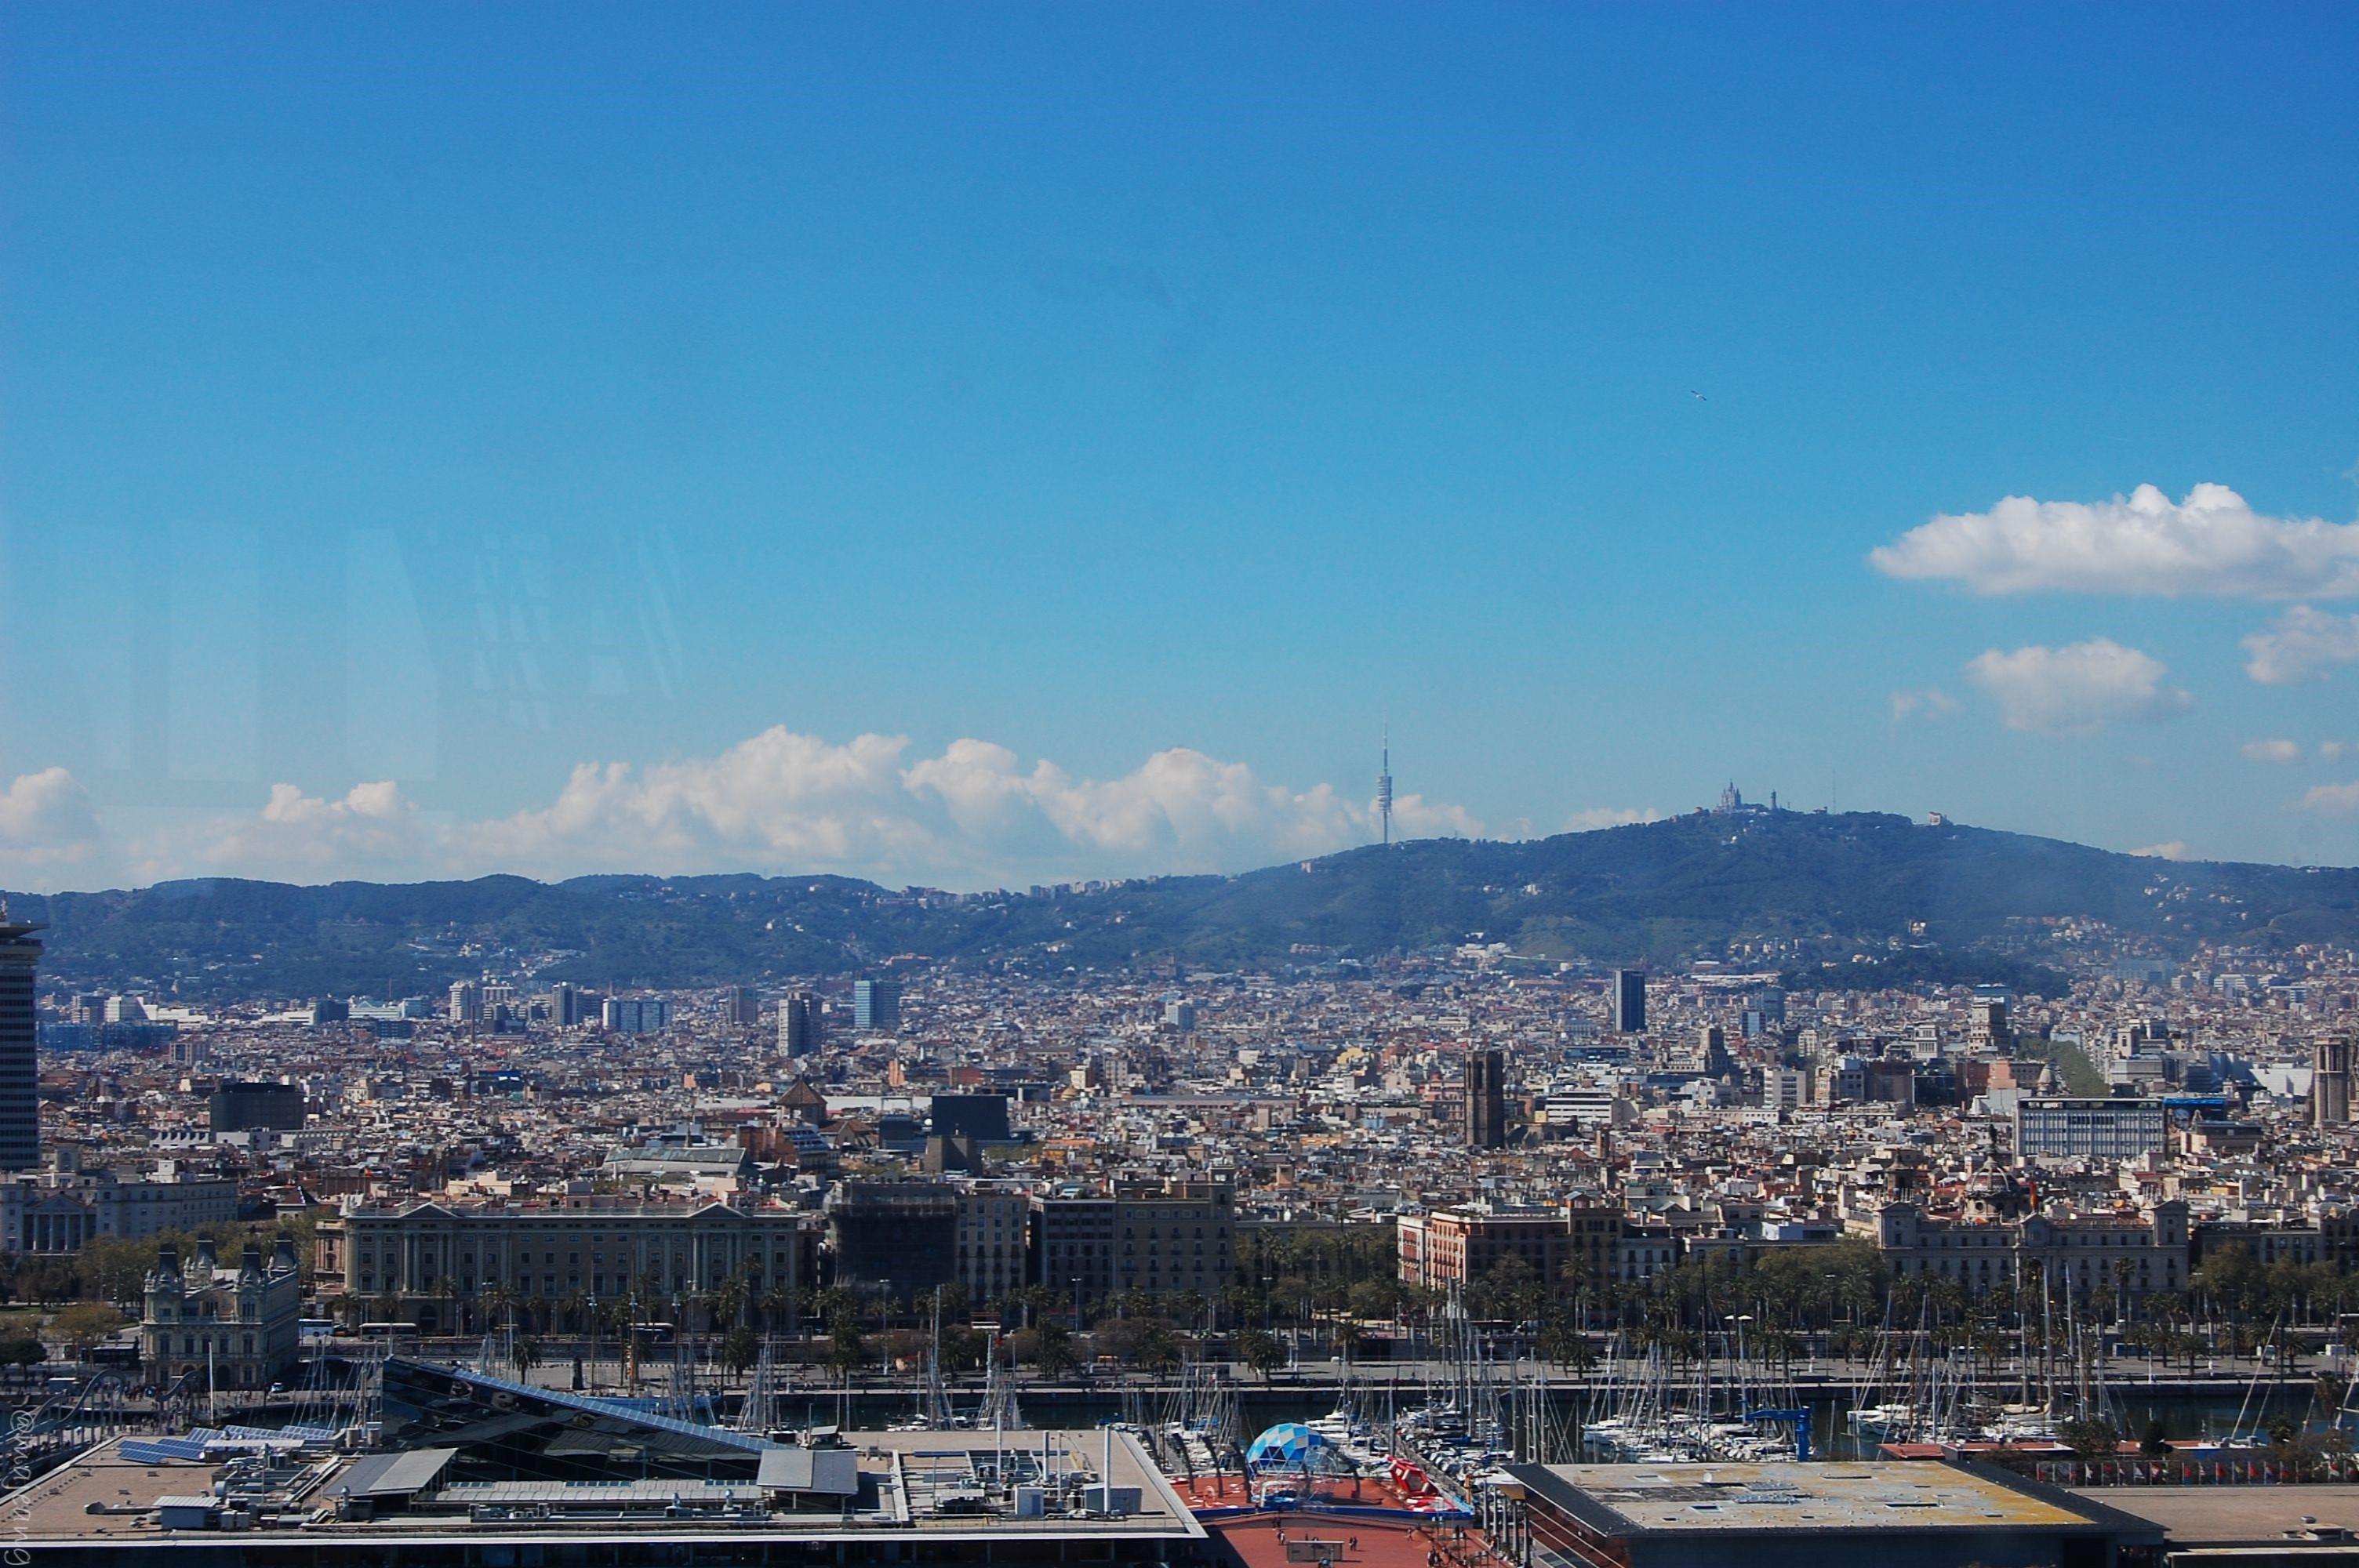 View overlooking Miramar, Barcelona